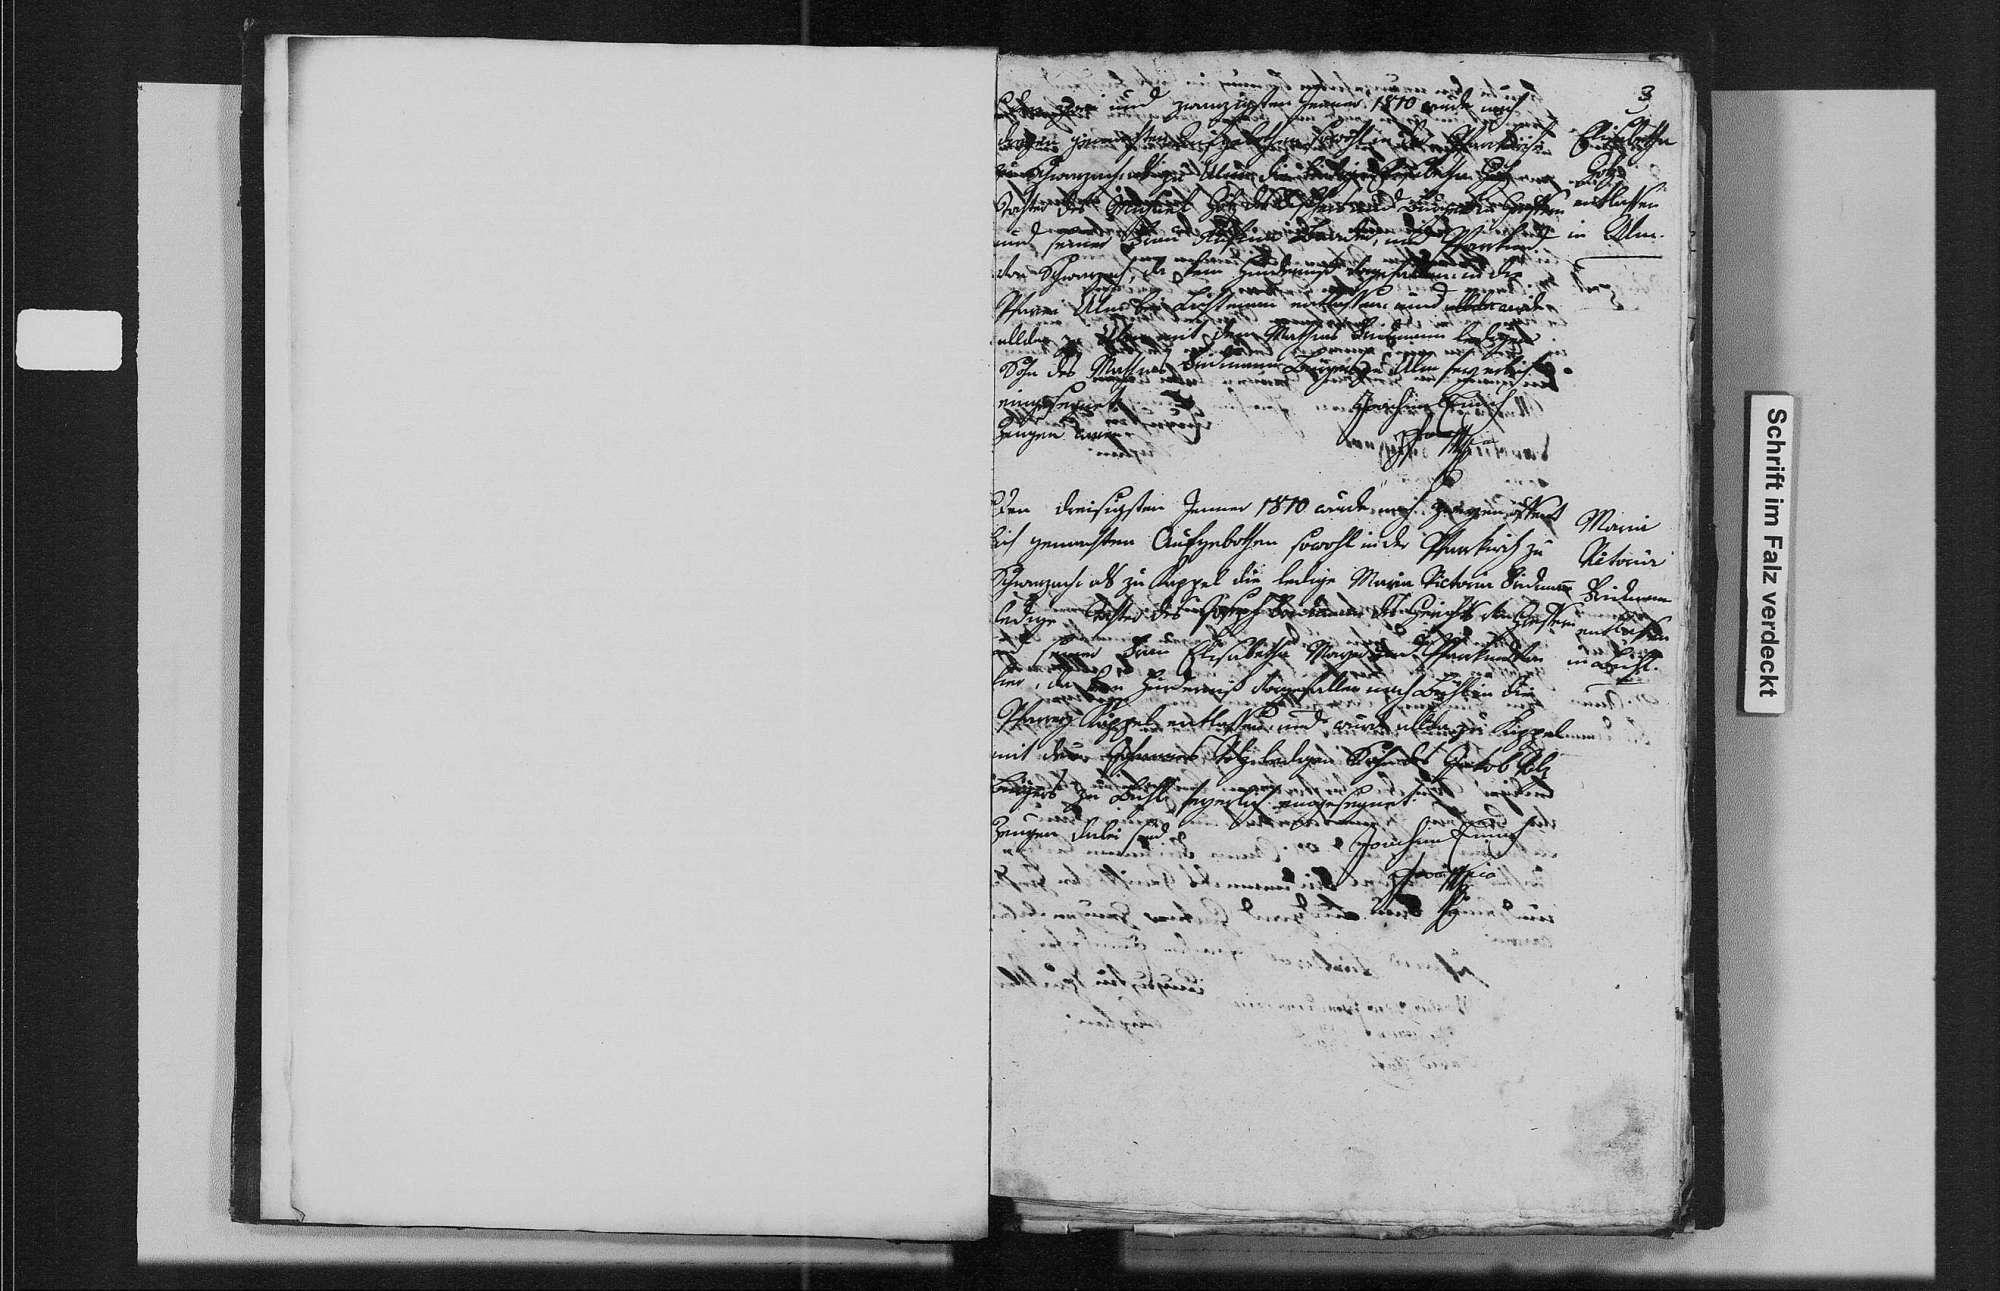 Greffern, katholische Gemeinde: Heiratsbuch 1810-1870, Bild 3